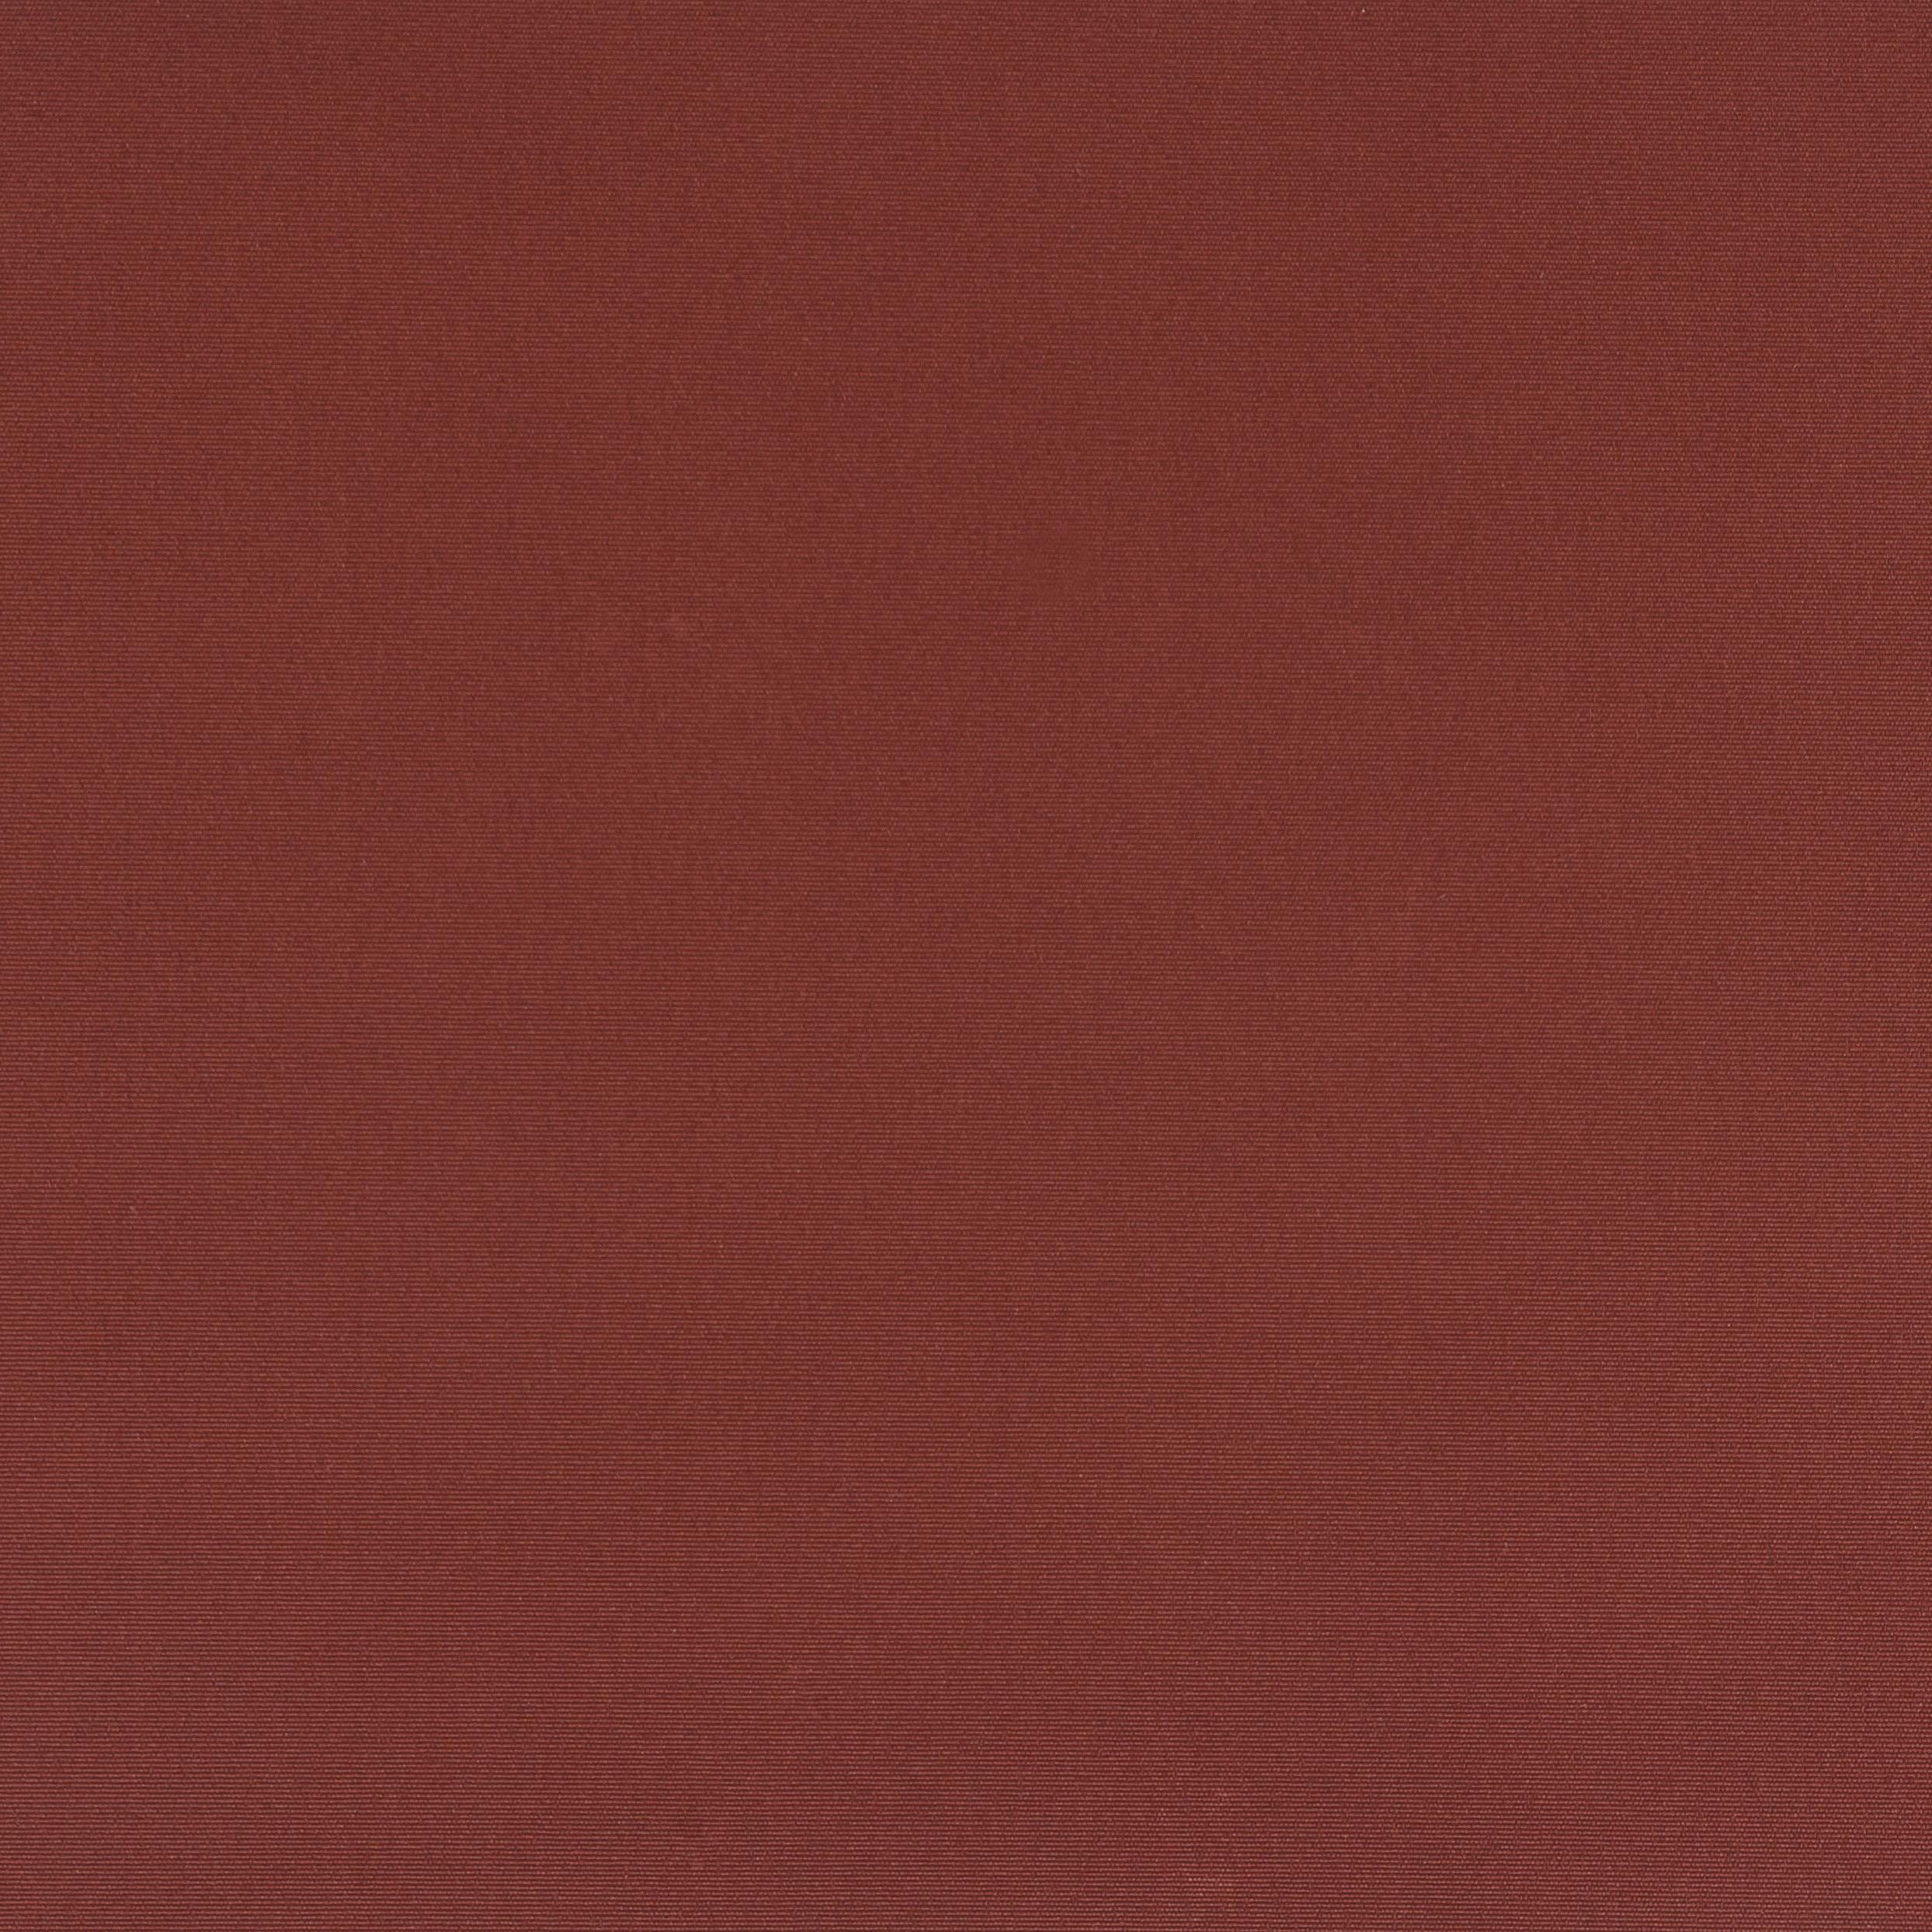 Темно-коричневый 7557